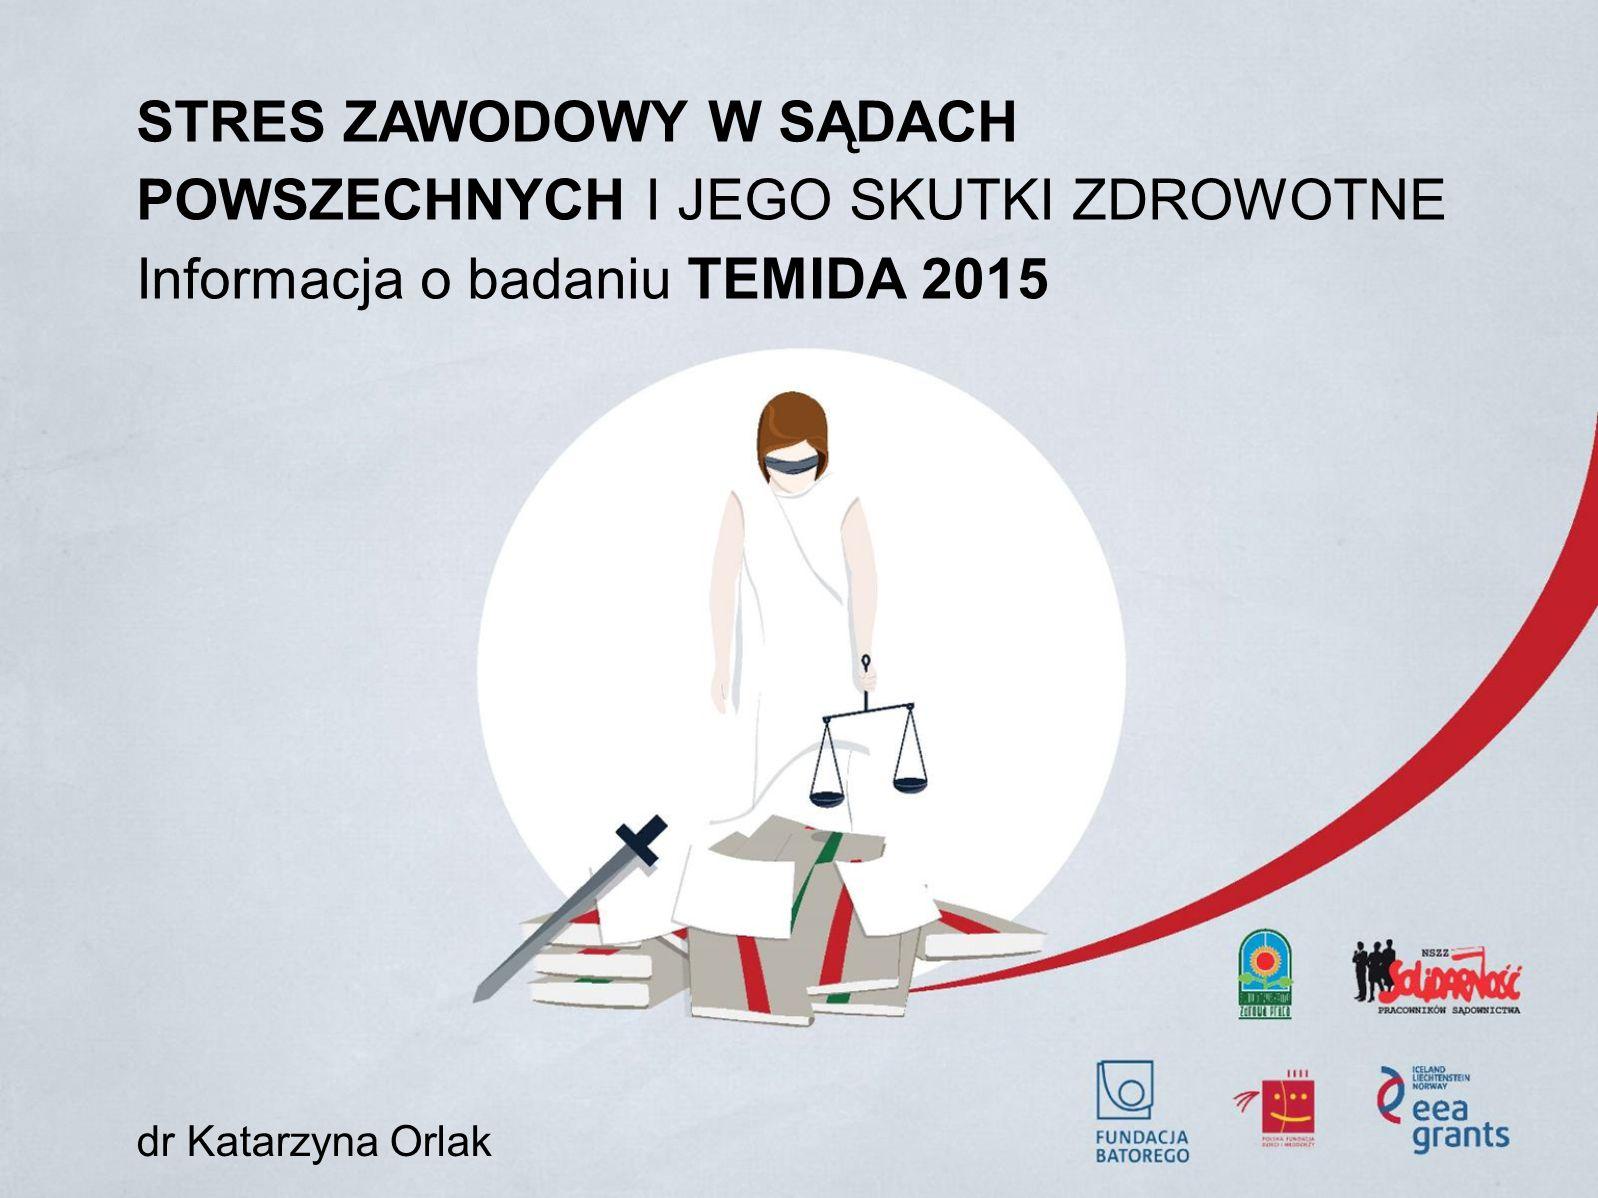 Informacja o badaniu TEMIDA 2015 dr Katarzyna Orlak